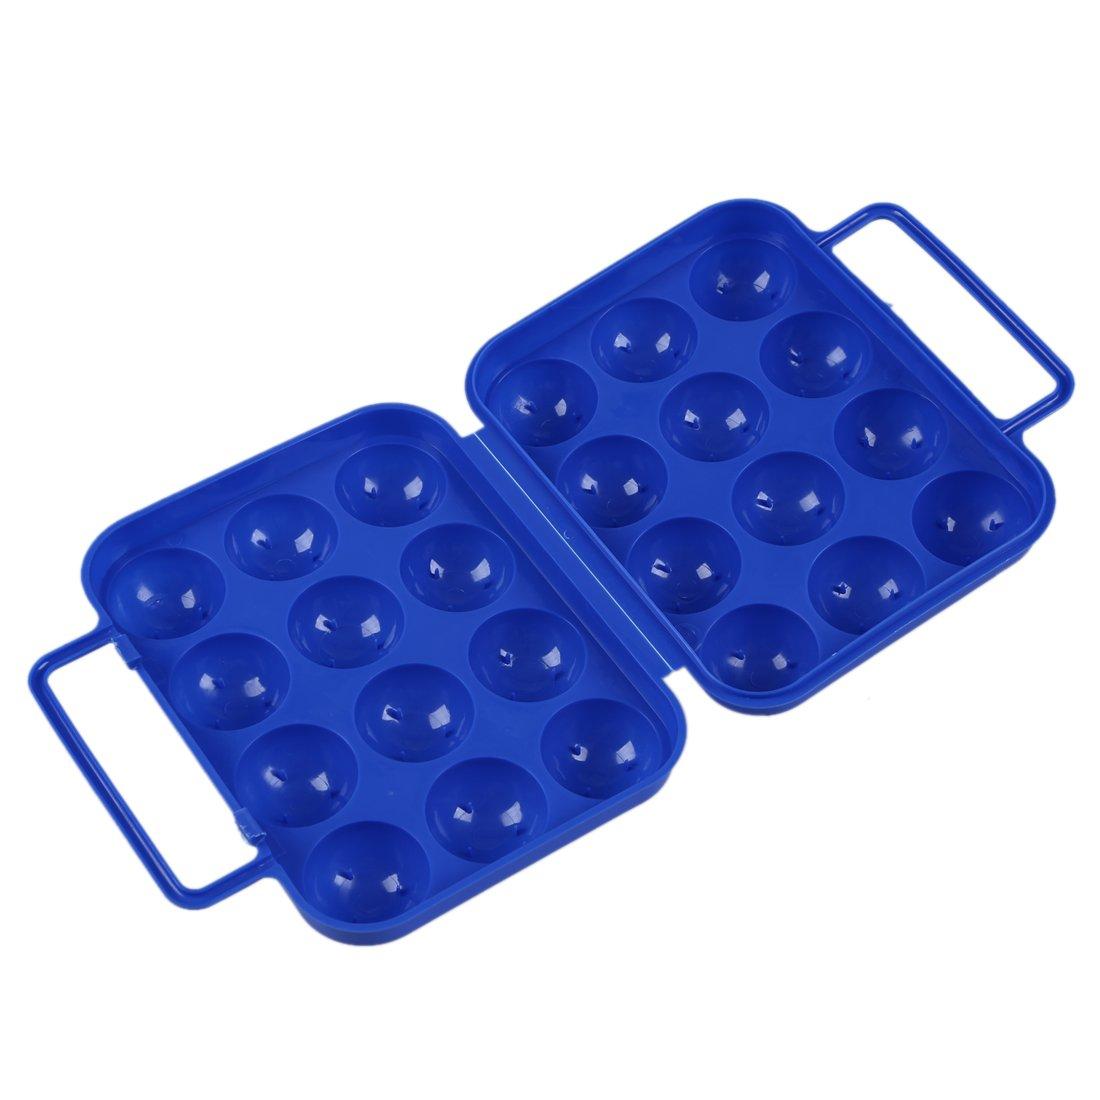 Contenitori In Plastica Pieghevoli.Sodial R Blu Uova Di Plastica Pieghevoli Portare Il Contenitore Di